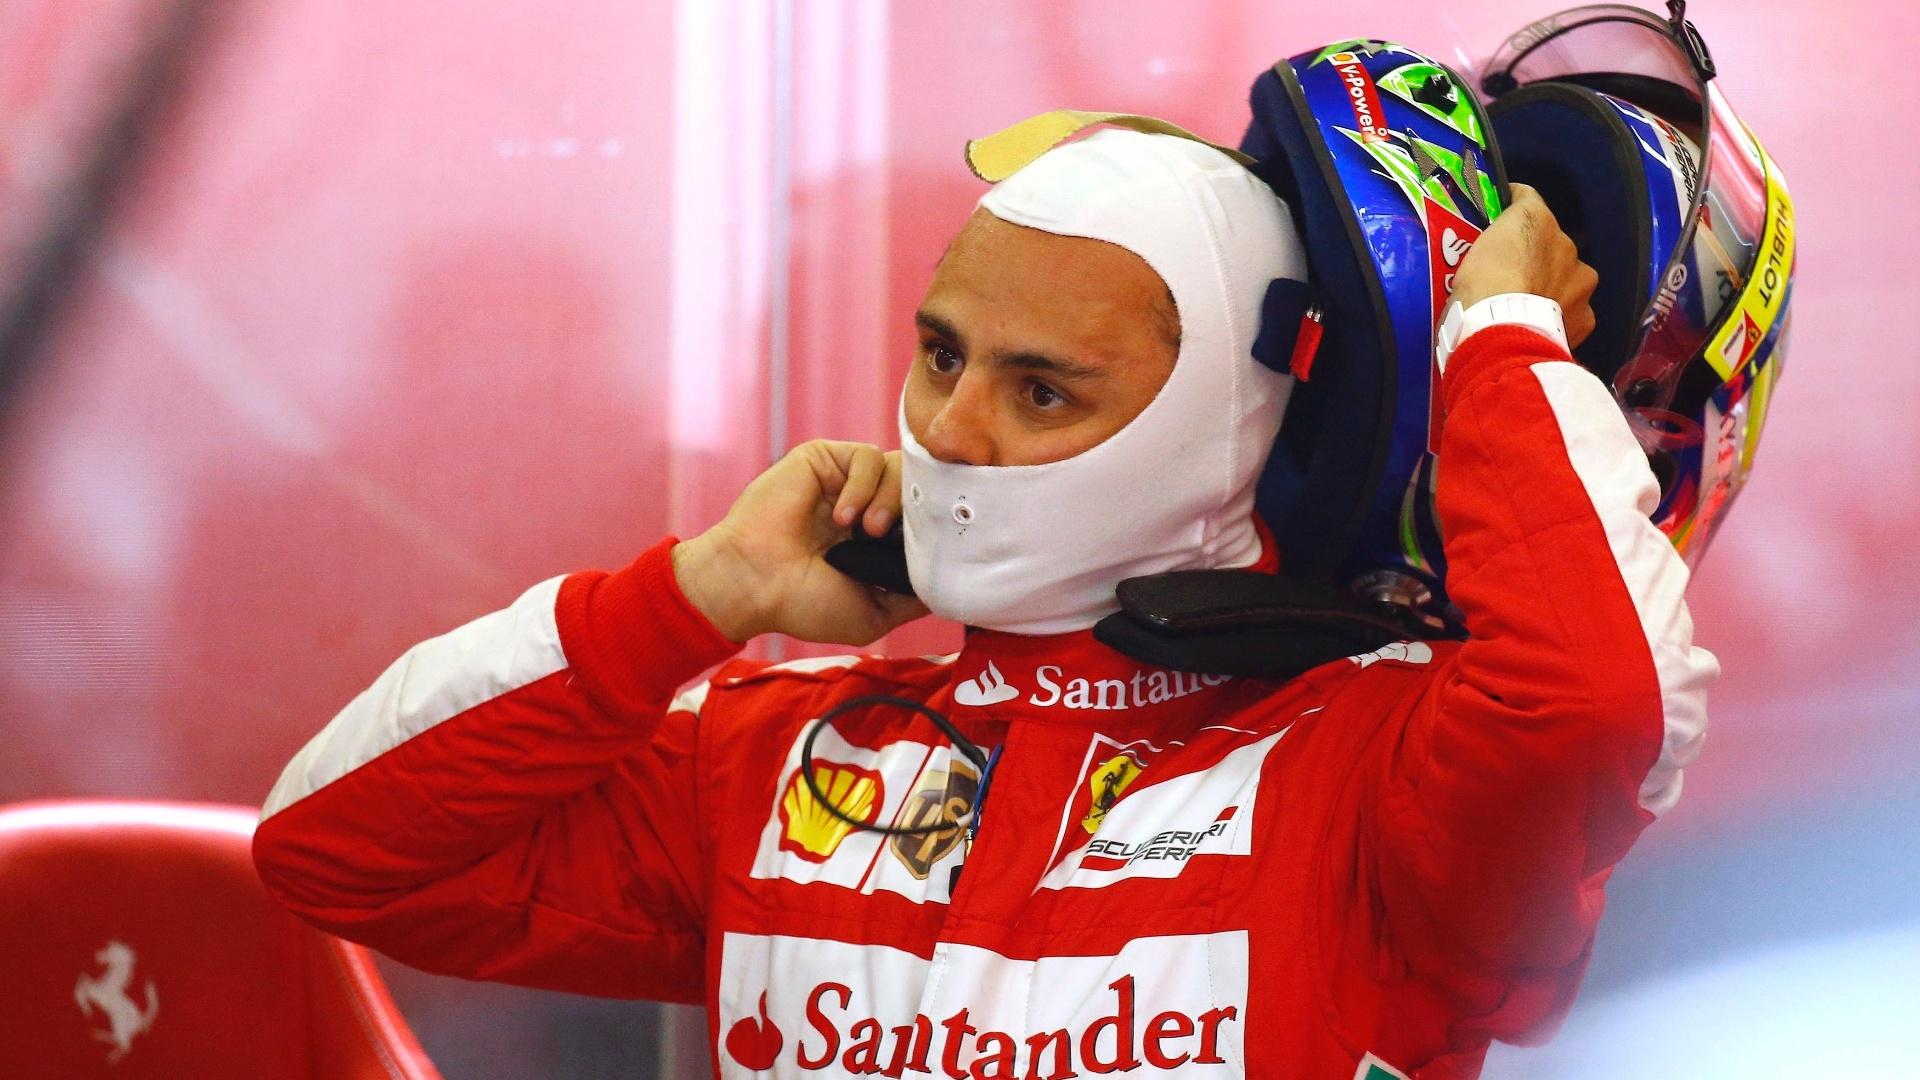 05.jul.2013 - Brasileiro Felipe Massa retira seu capacete durante o primeiro treino livre para o GP da Alemanha